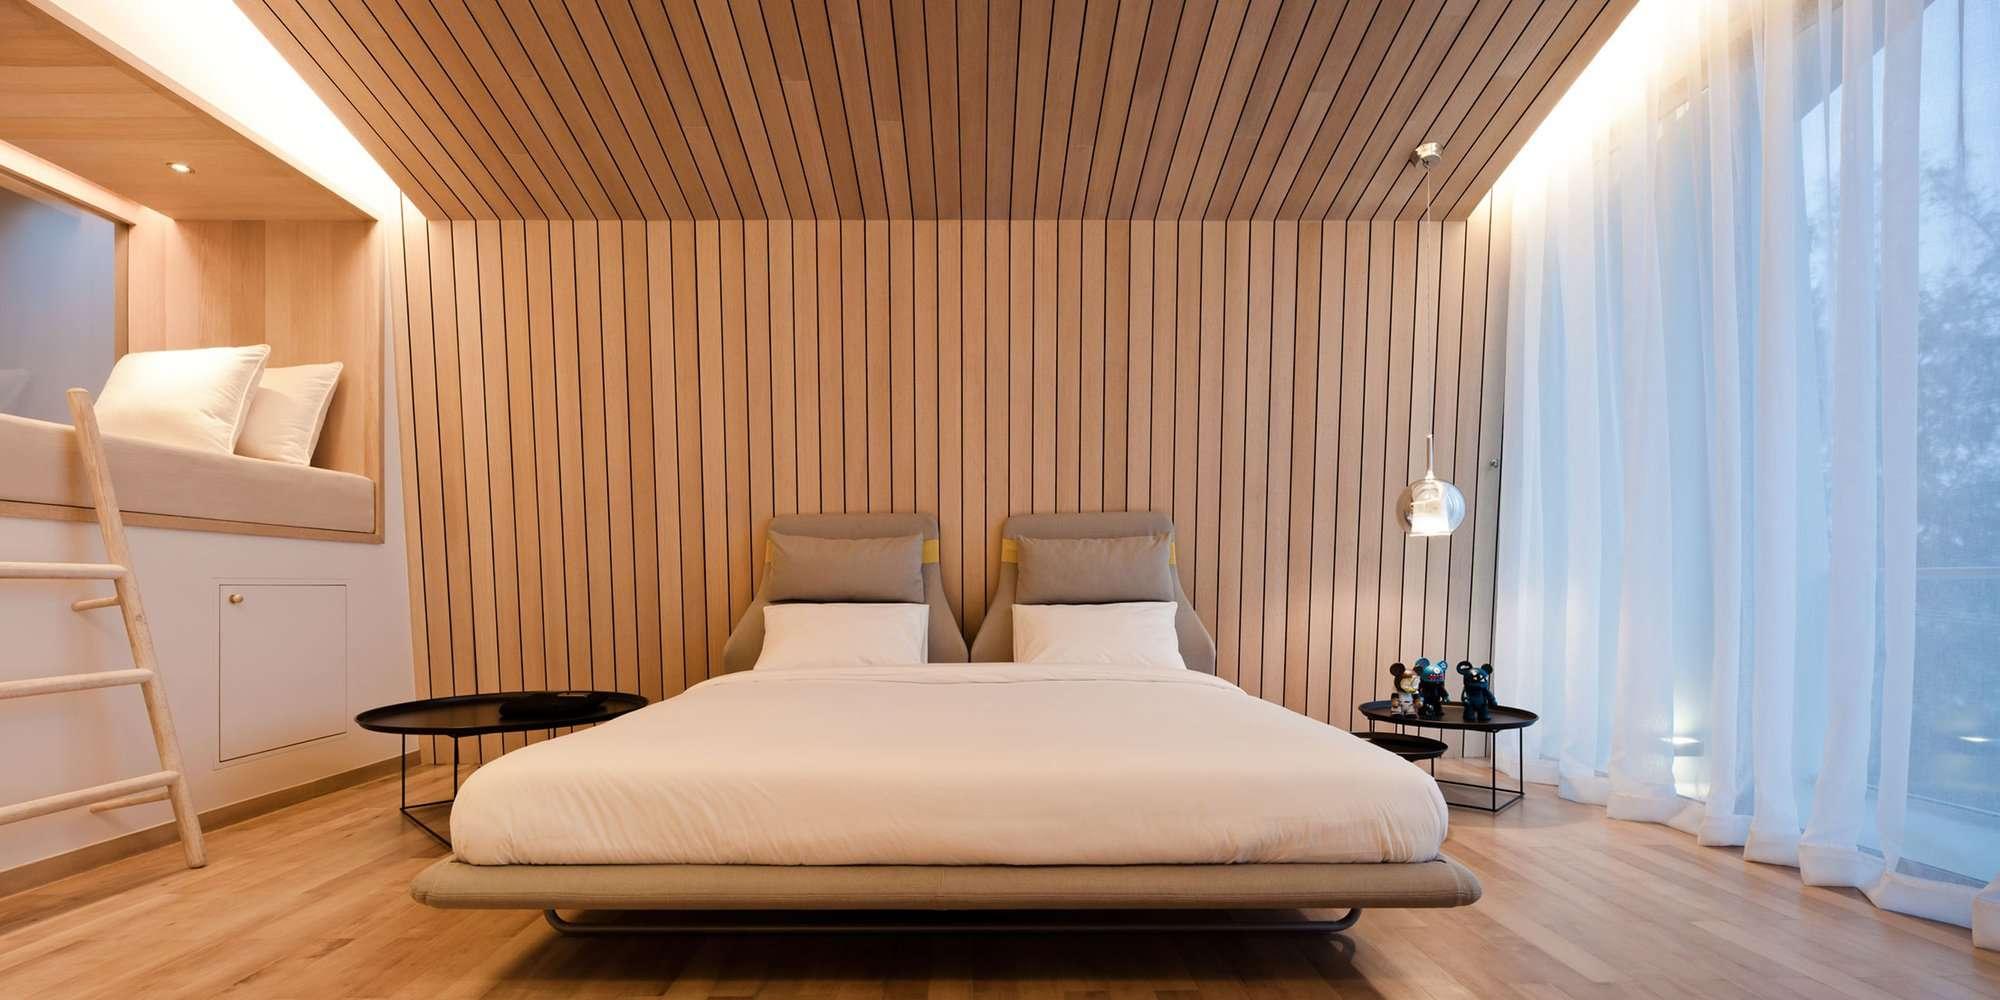 Потолок из досок в стиле модерн